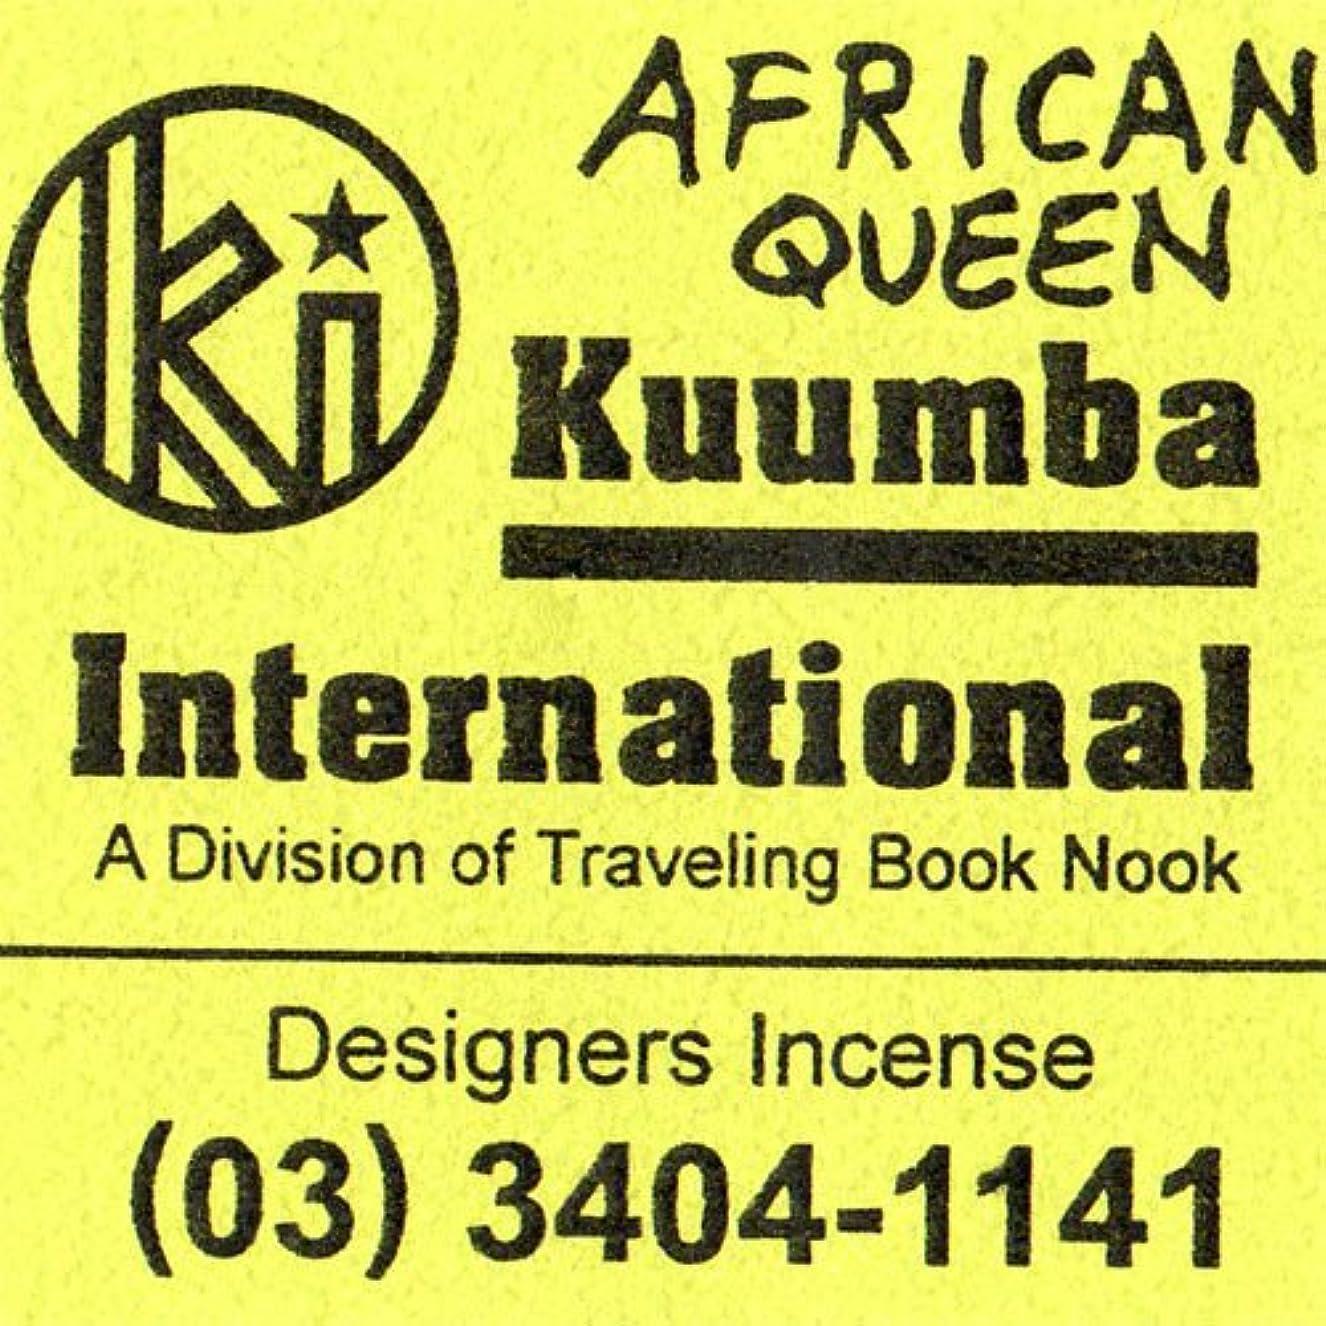 葉巻遠え名前で(クンバ) KUUMBA『incense』(AFRICAN QUEEN) (Regular size)